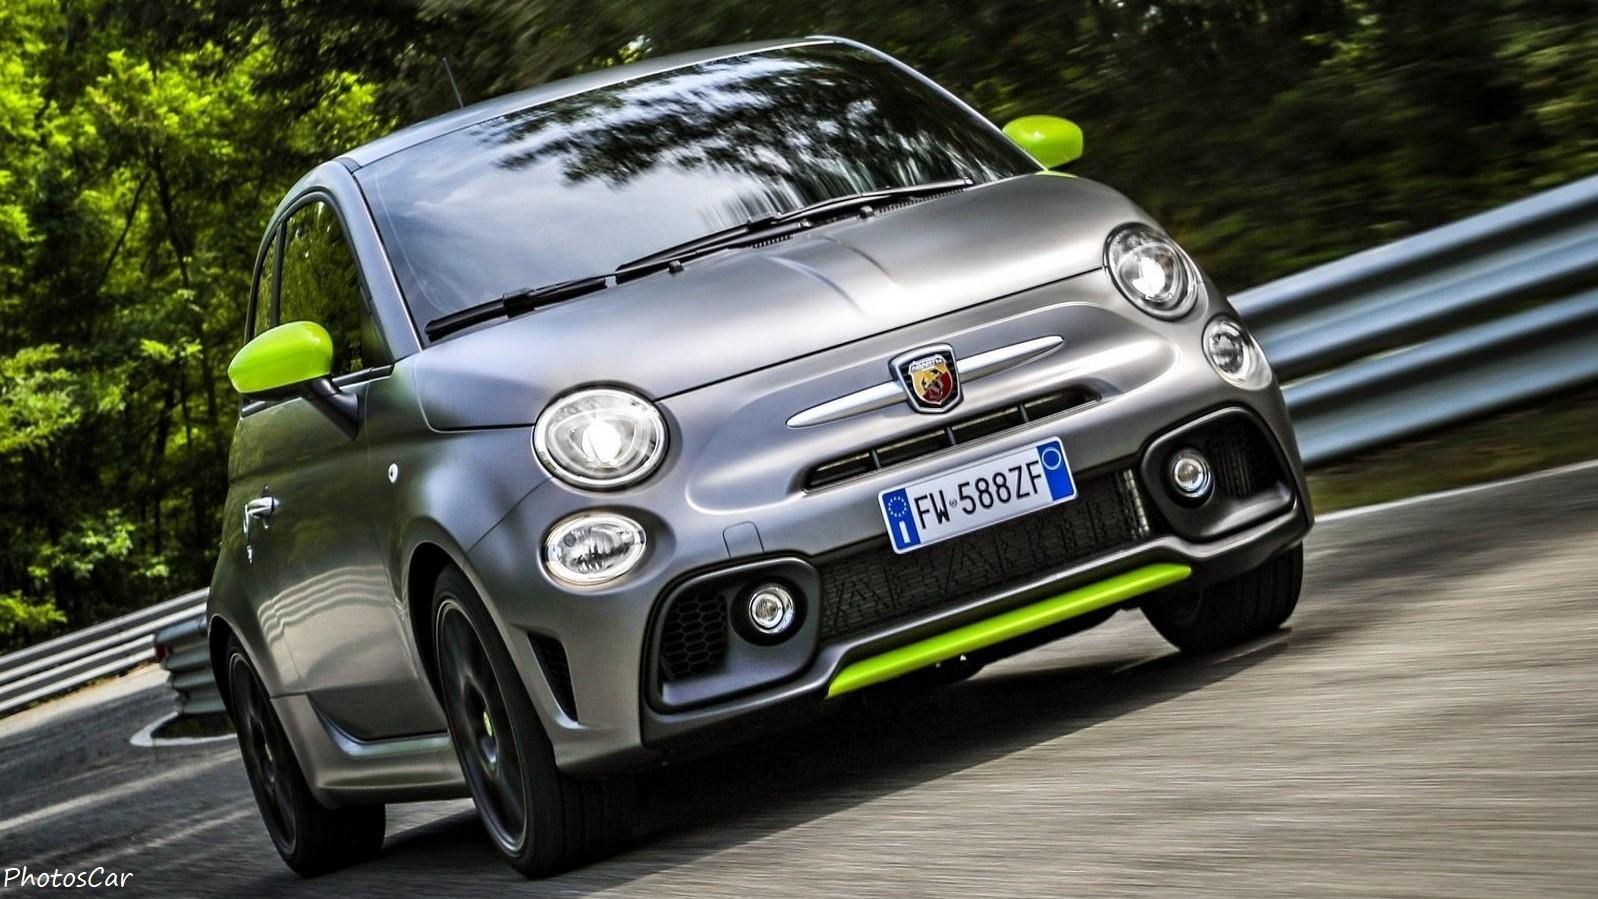 Fiat 595 Abarth Pista 2020 – Encore plus puissant avec 165 ch